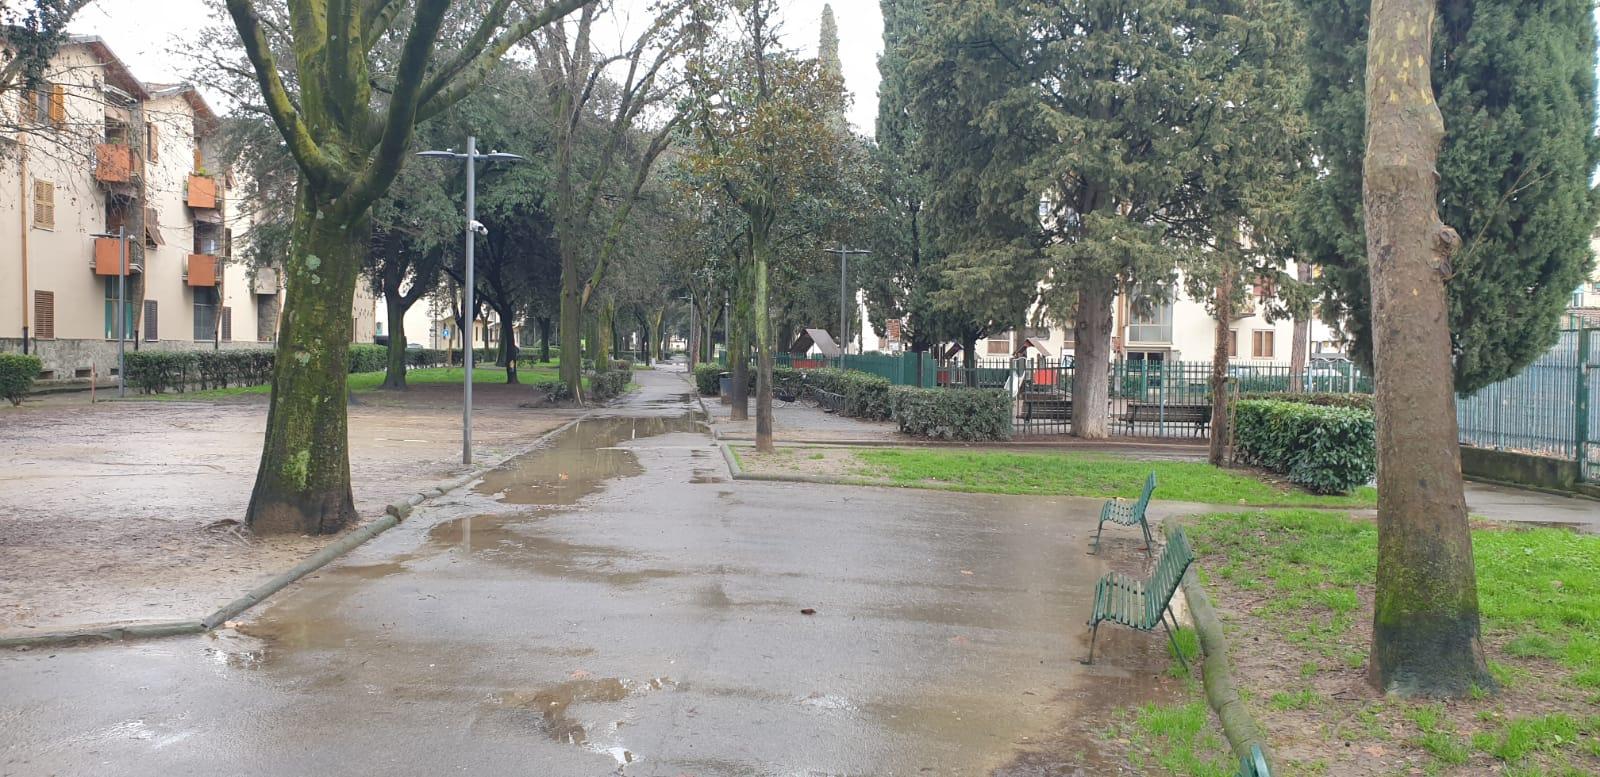 viale dei bambini alagamenti pioggia (3)